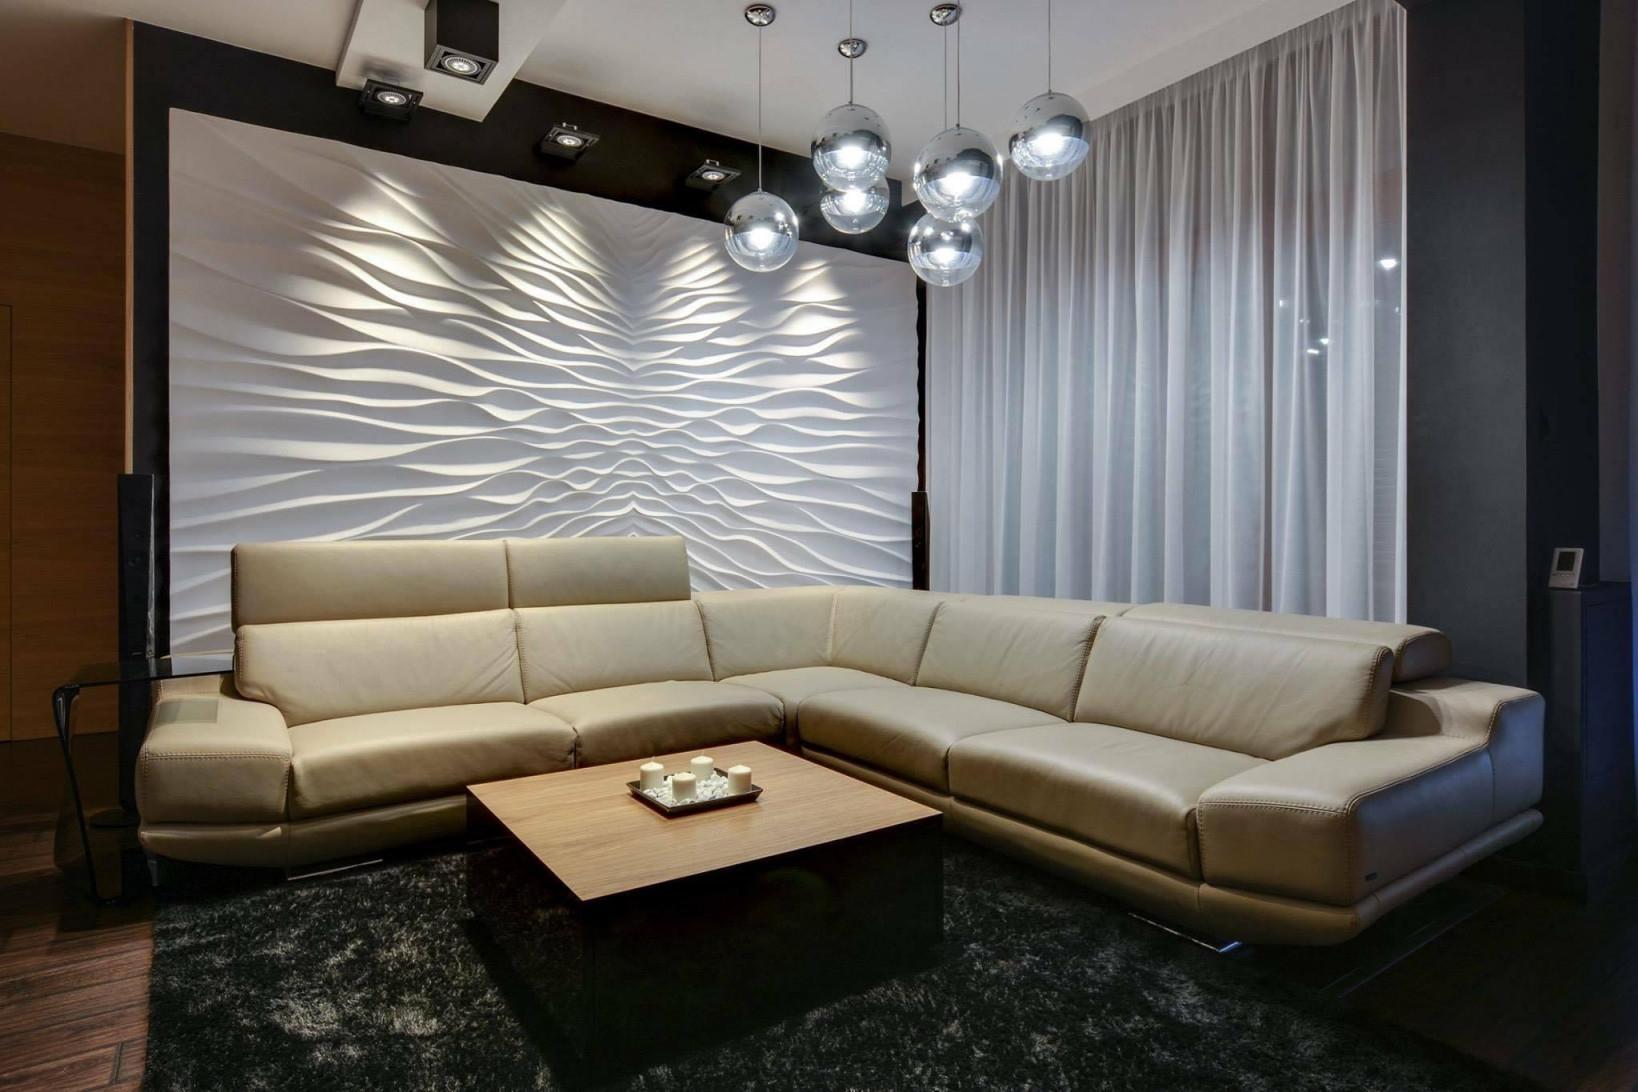 Wohnzimmer Wandgestaltung Die Schönsten Ideen von Wohnzimmer Ideen Wandgestaltung Bild